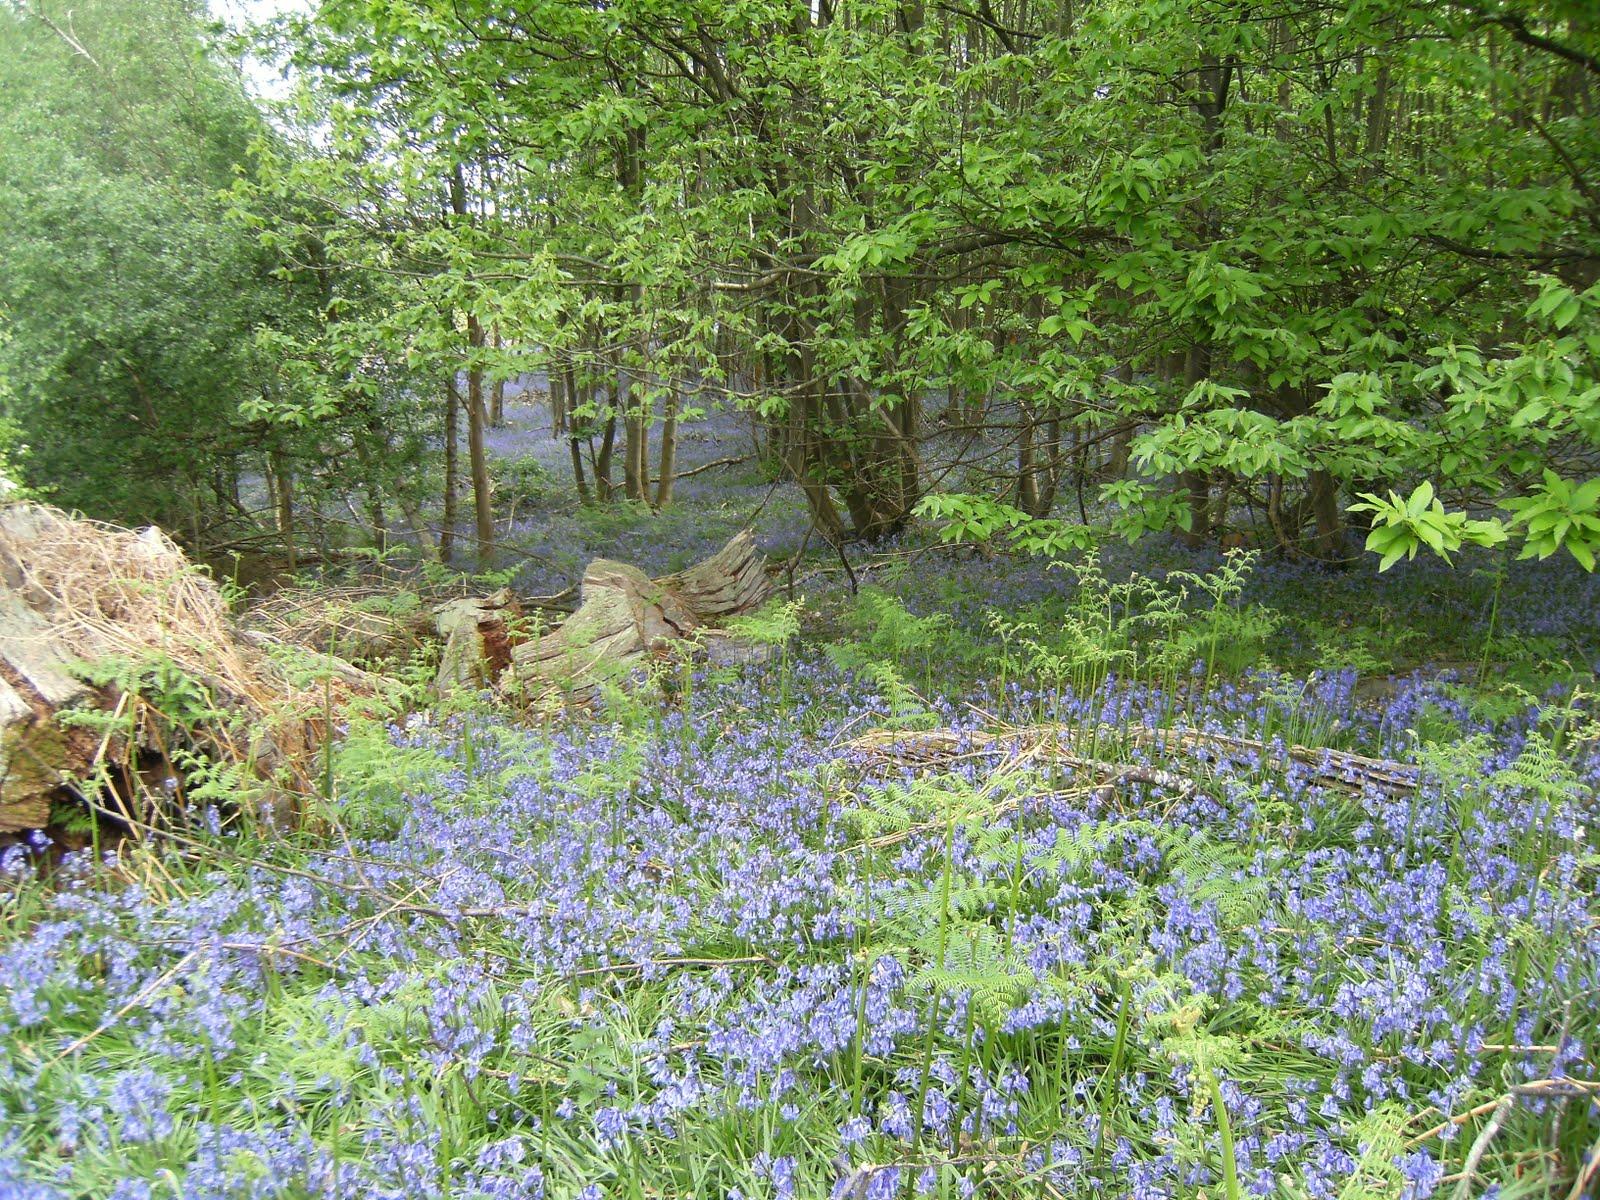 DSCF7811 Bluebells on the Buckhurst Estate